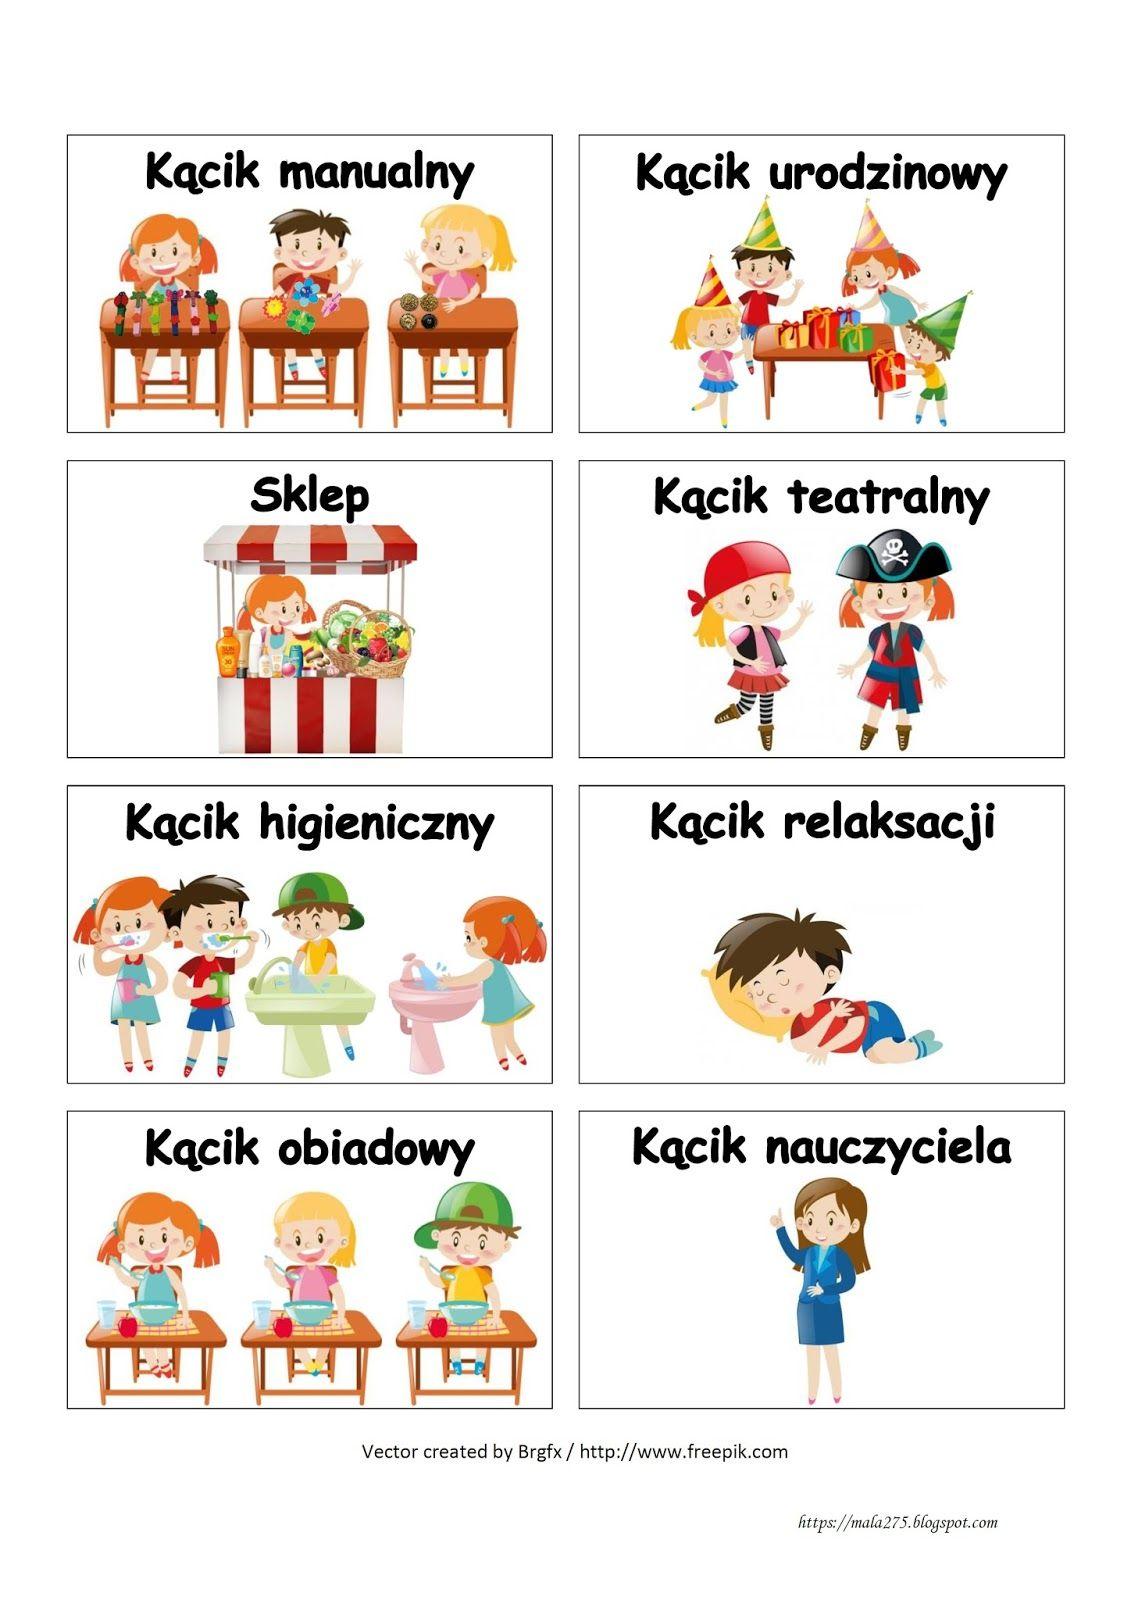 Blog Edukacyjny Dla Dzieci Wizytowki Do Kacikow Przedszkole Kids And Parenting Teacher Inspiration Education